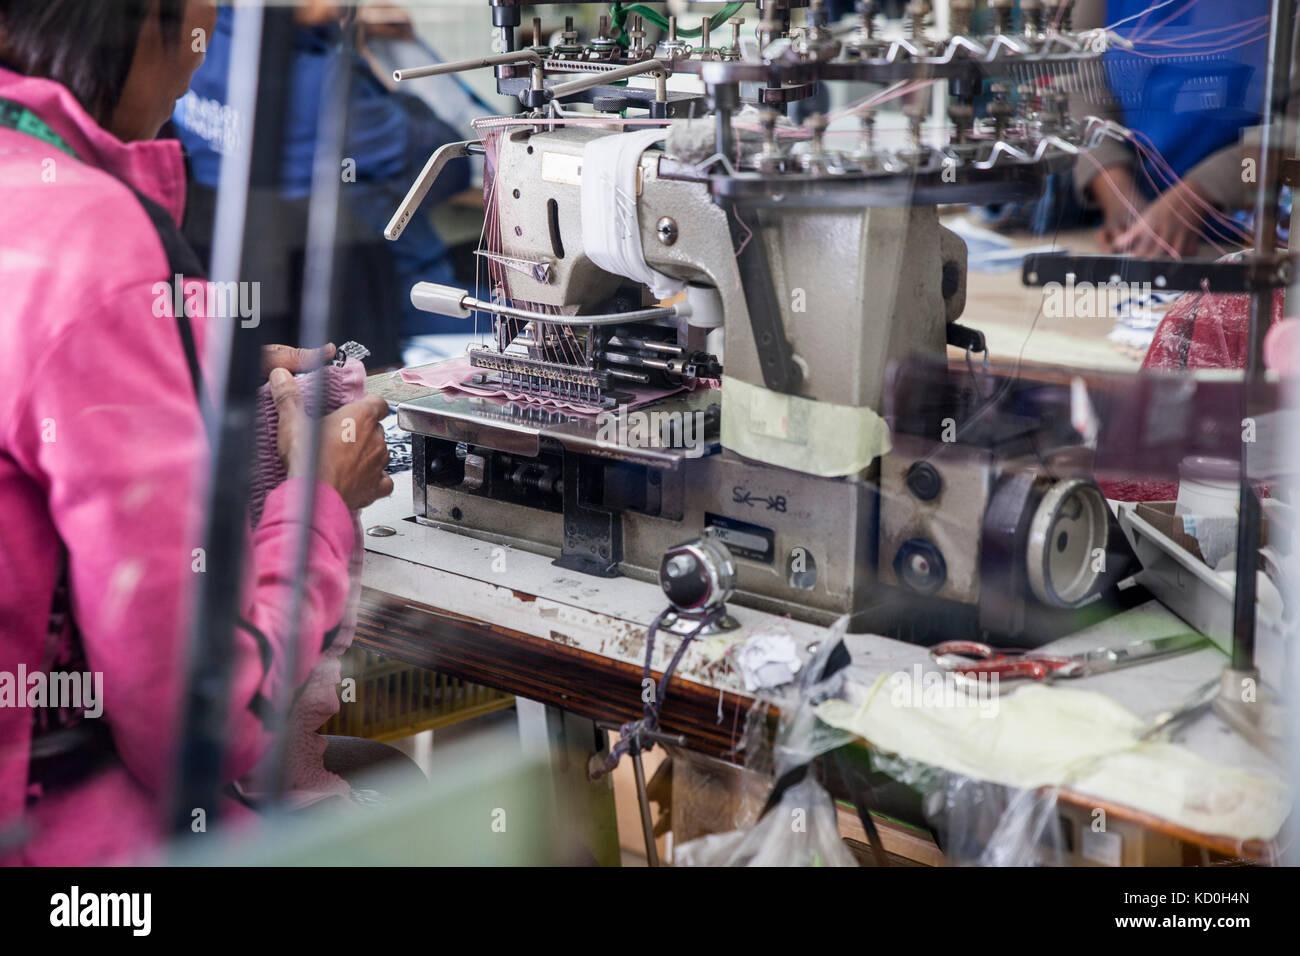 Näherin arbeiten an industriellen smocking Nähmaschine in der Factory, Kapstadt, Südafrika Stockbild